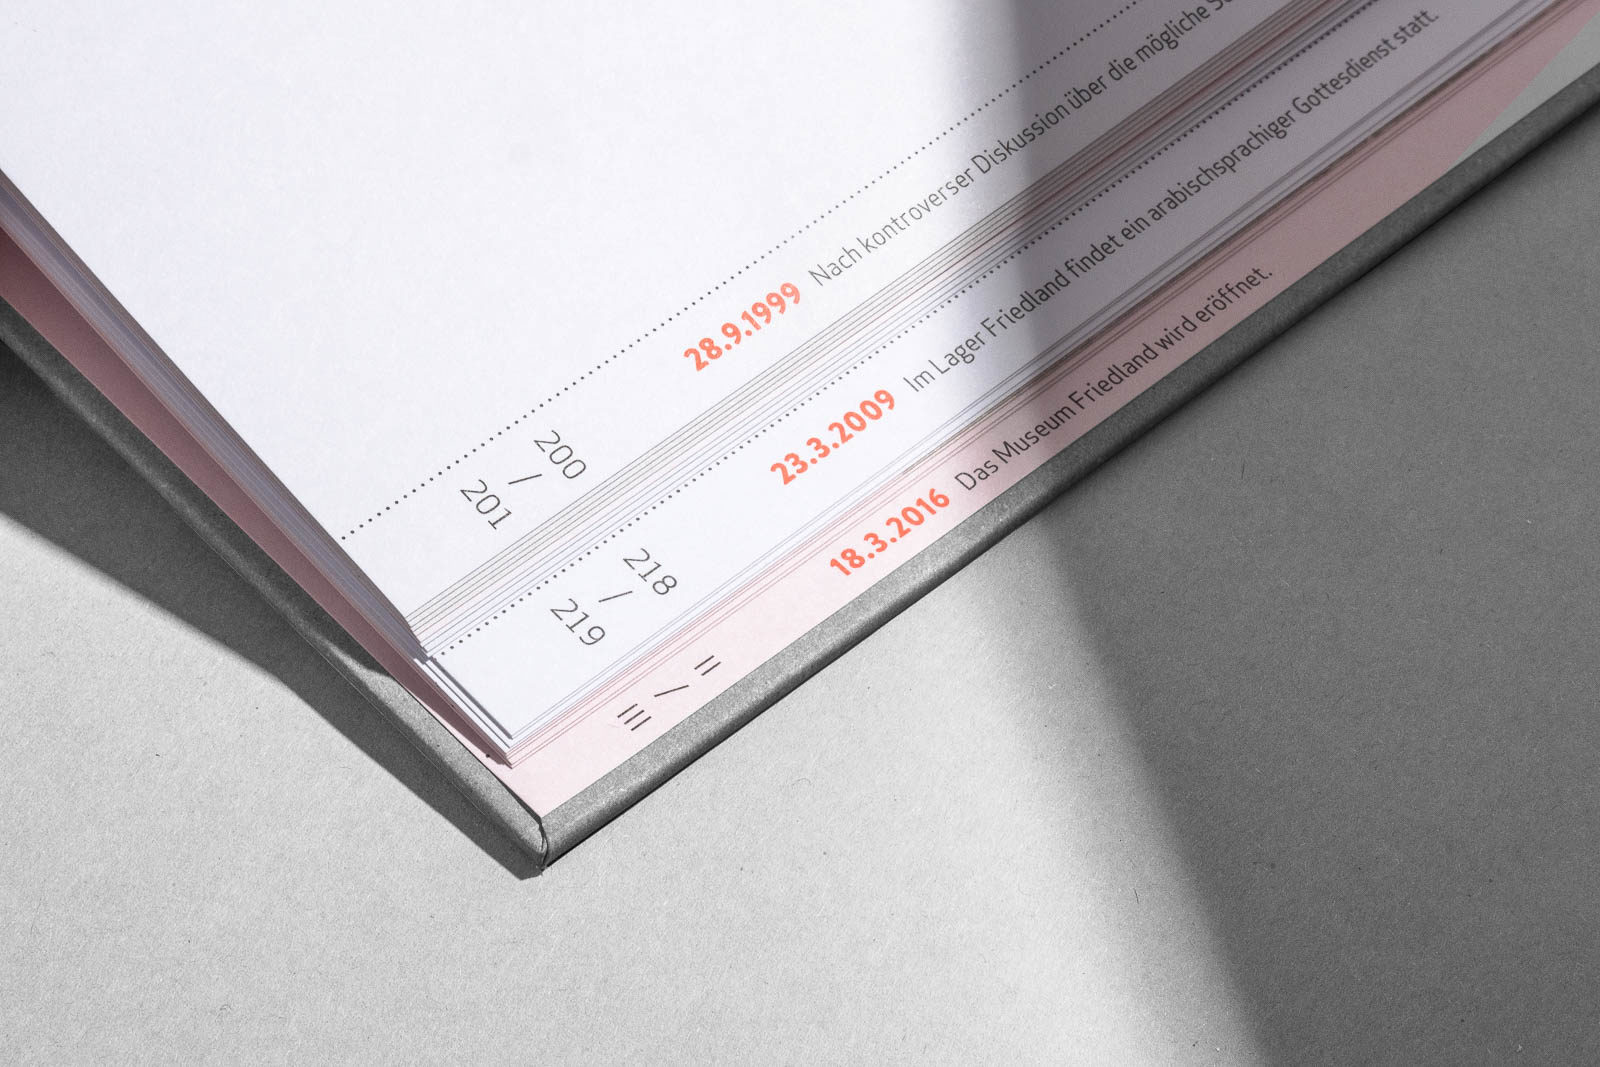 Editienne Kommunikationsdesign- Buchgestaltung für den Ausstellungskatalog 7